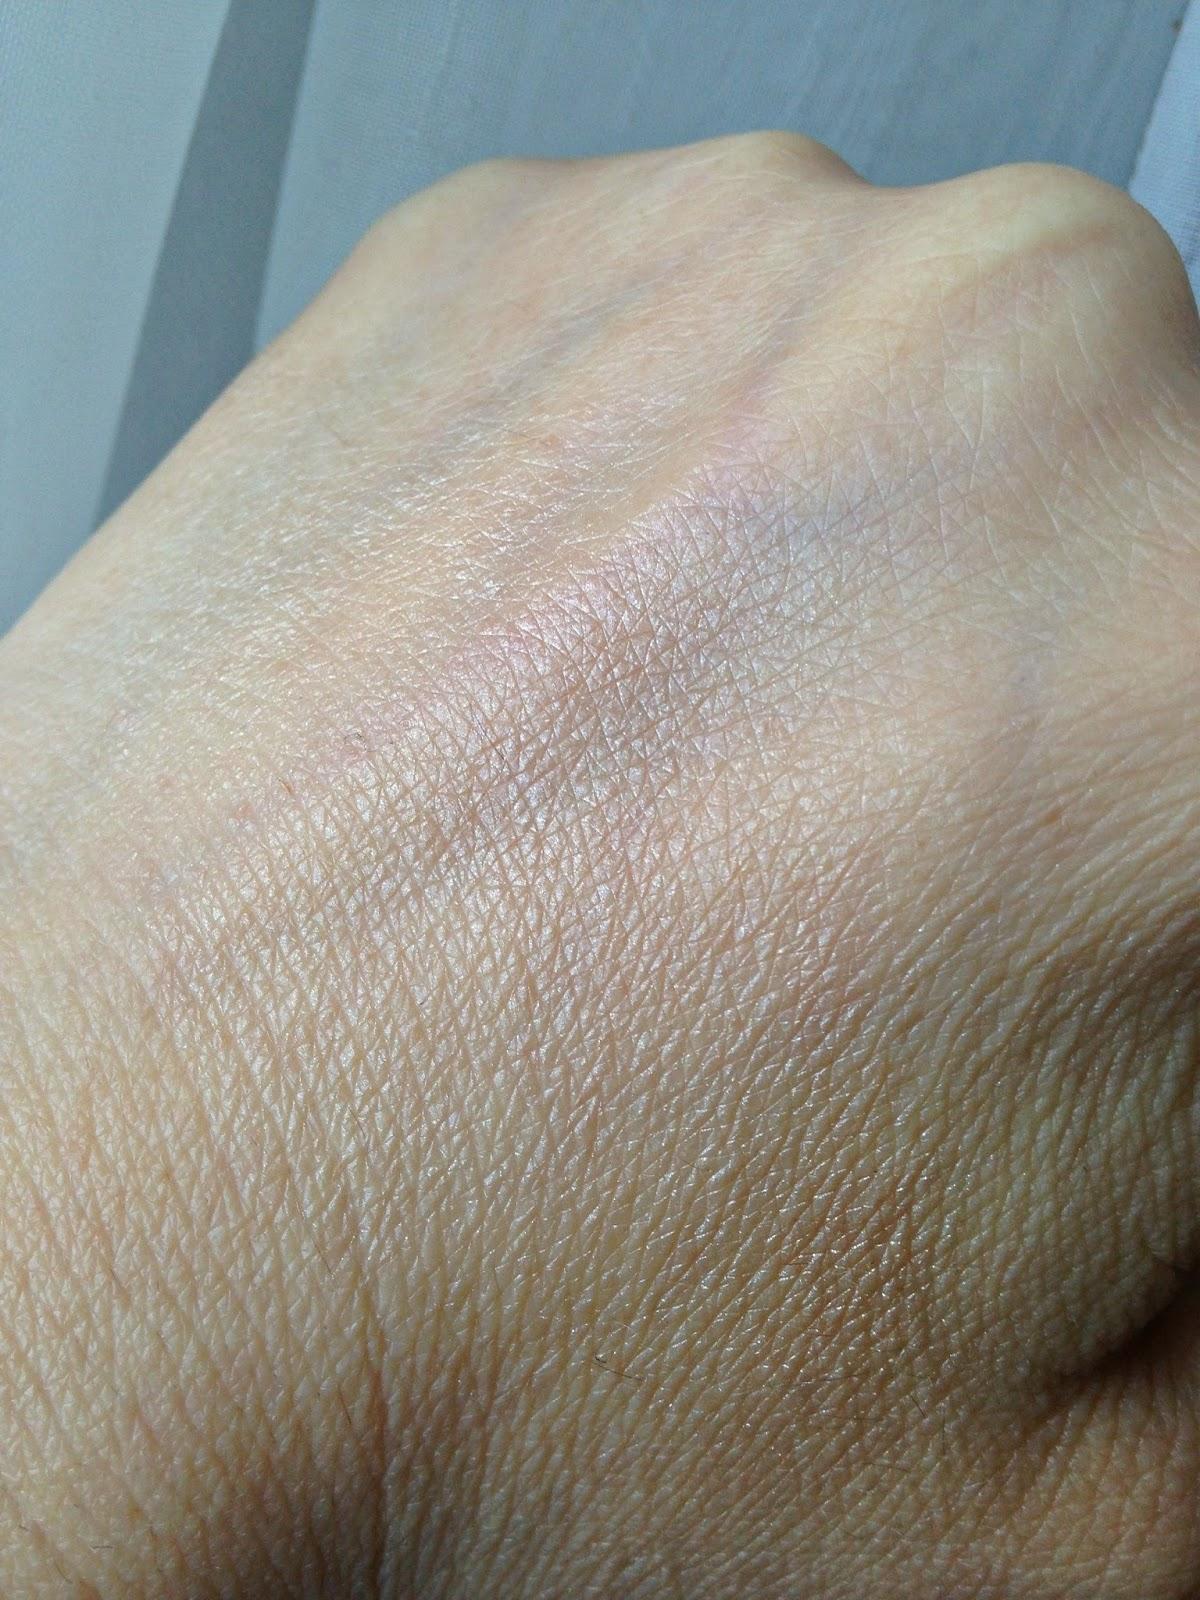 Benefit-Watt's-Up-highlighter-swatch-3